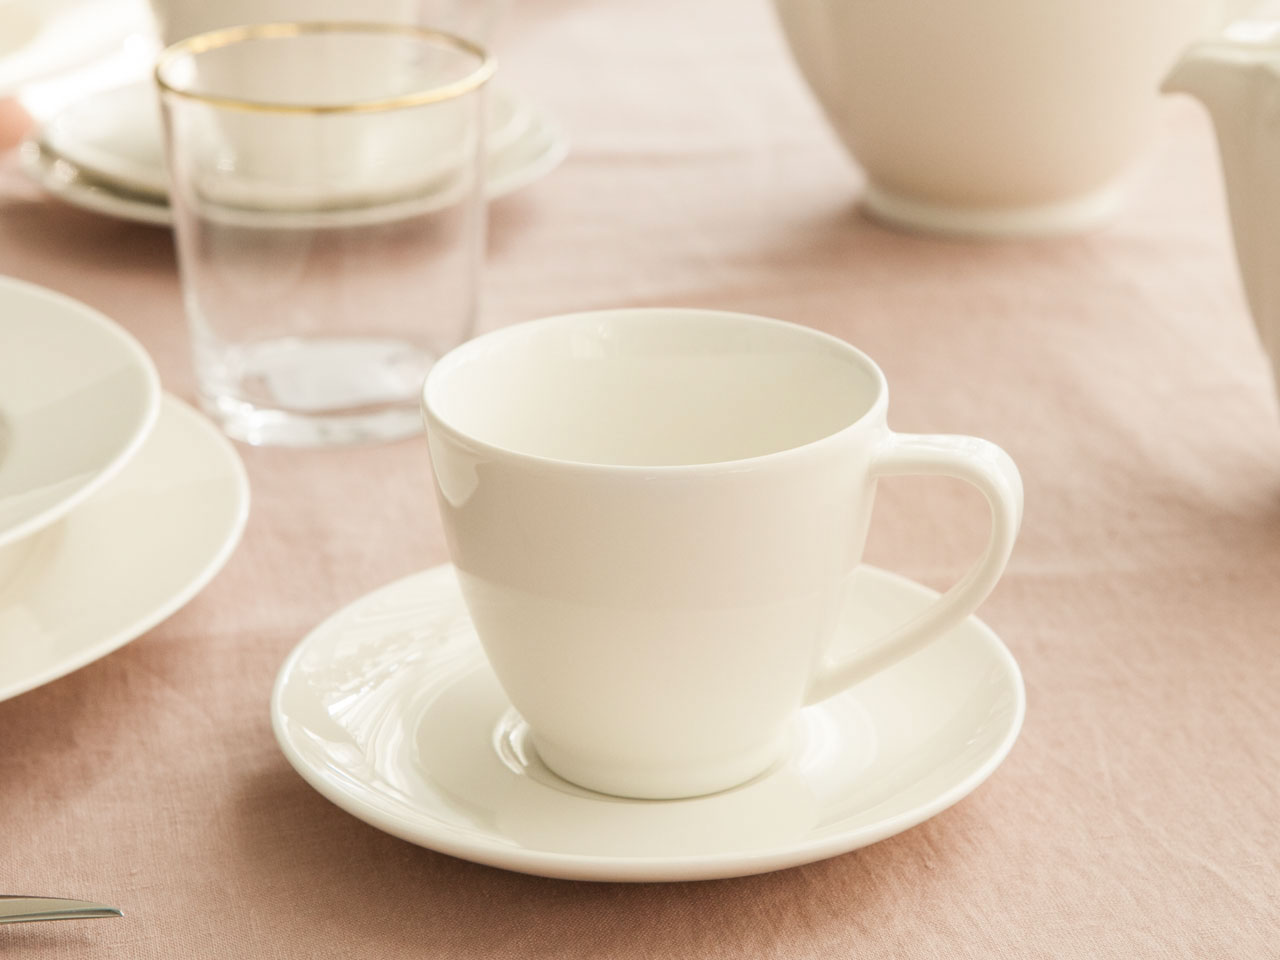 Serwis / Zestaw kawowy na 6 osób MariaPaula Ecru Nova (12 elementów)